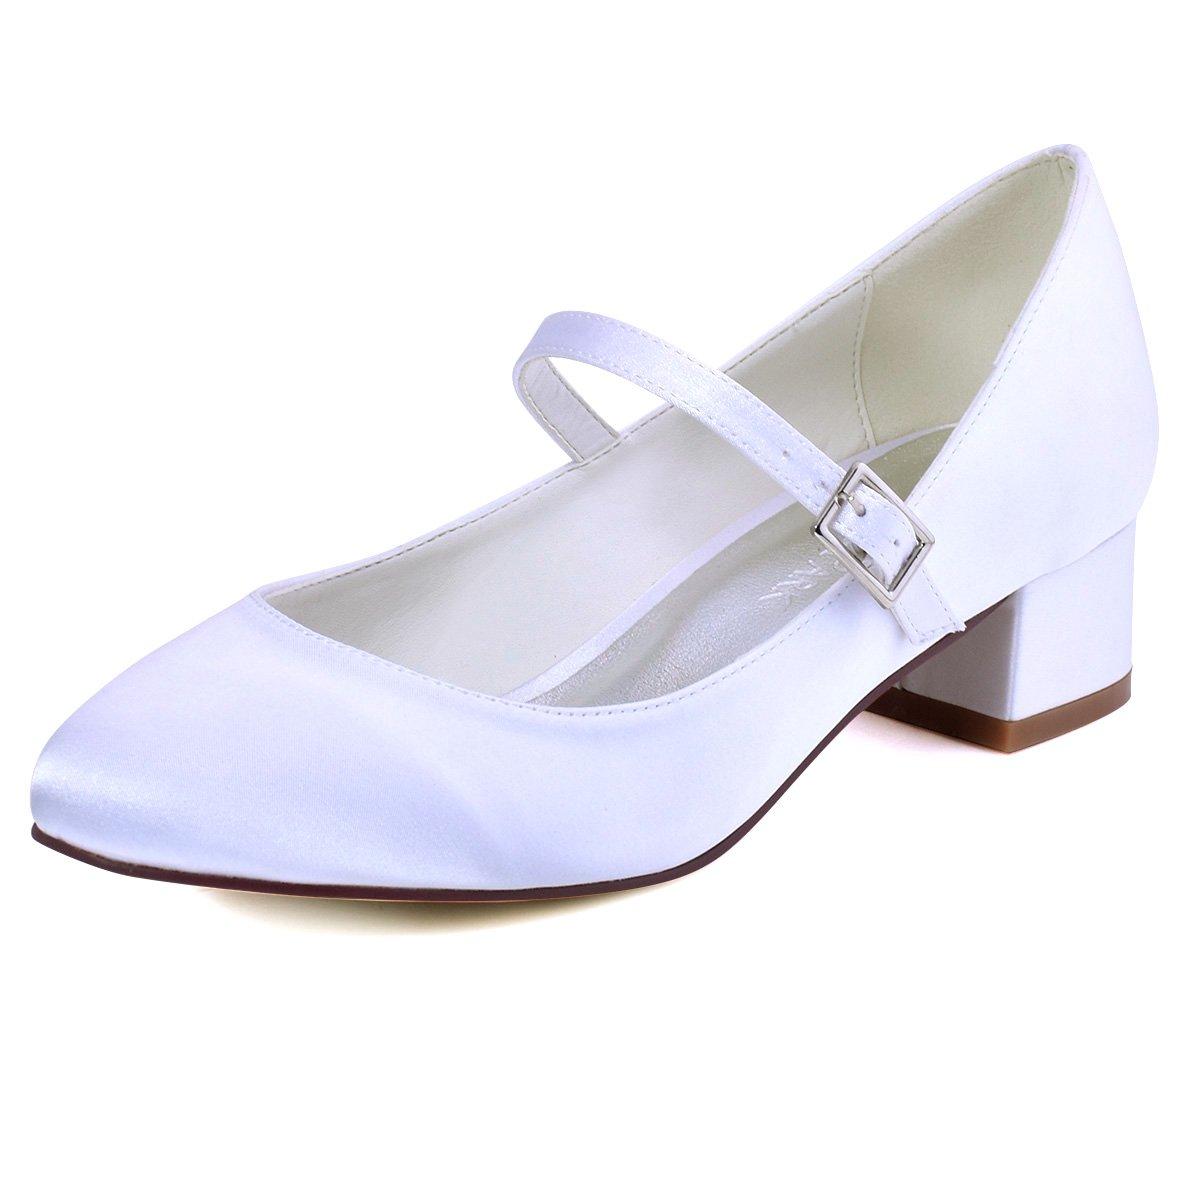 ElegantPark Femmes Fermé ElegantPark Toe Bloc Talon de Mary Jane Blanc Pompes Satin Chaussures de Mariage Soirée Blanc 123abd6 - reprogrammed.space